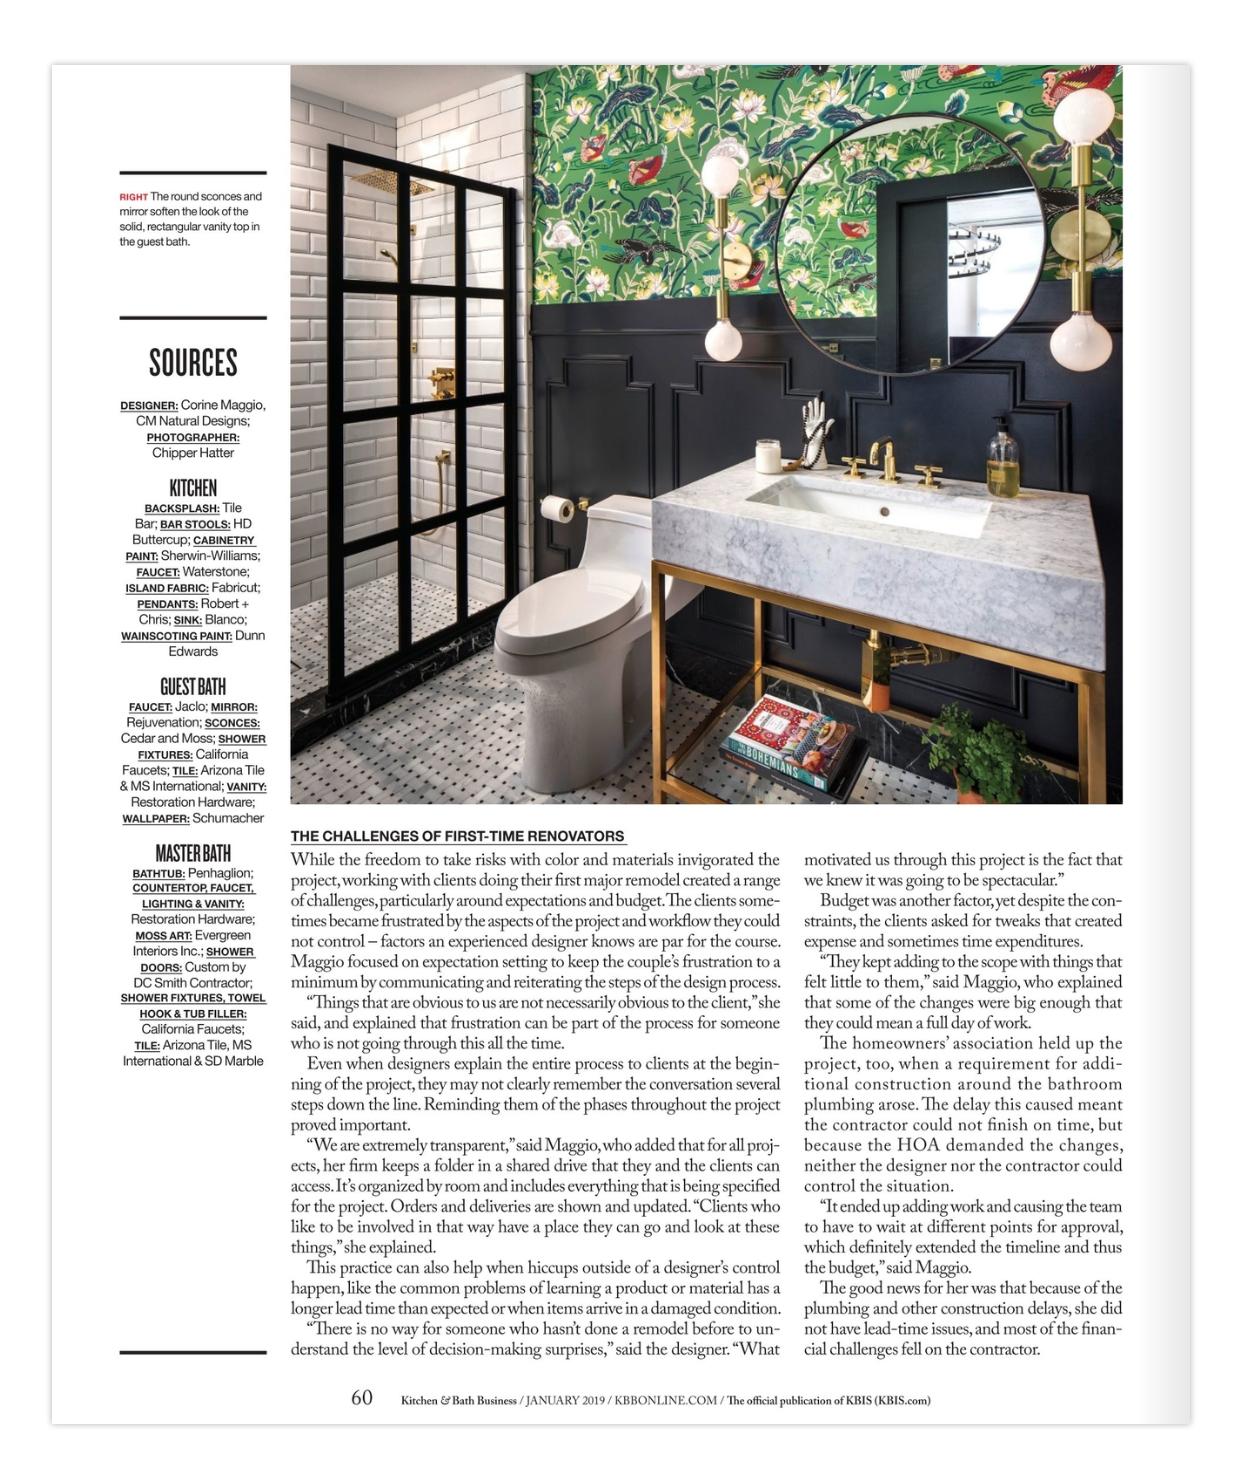 Miraculous Kitchen And Bath Business Corine Maggio Natural Designs Interior Design Ideas Tzicisoteloinfo